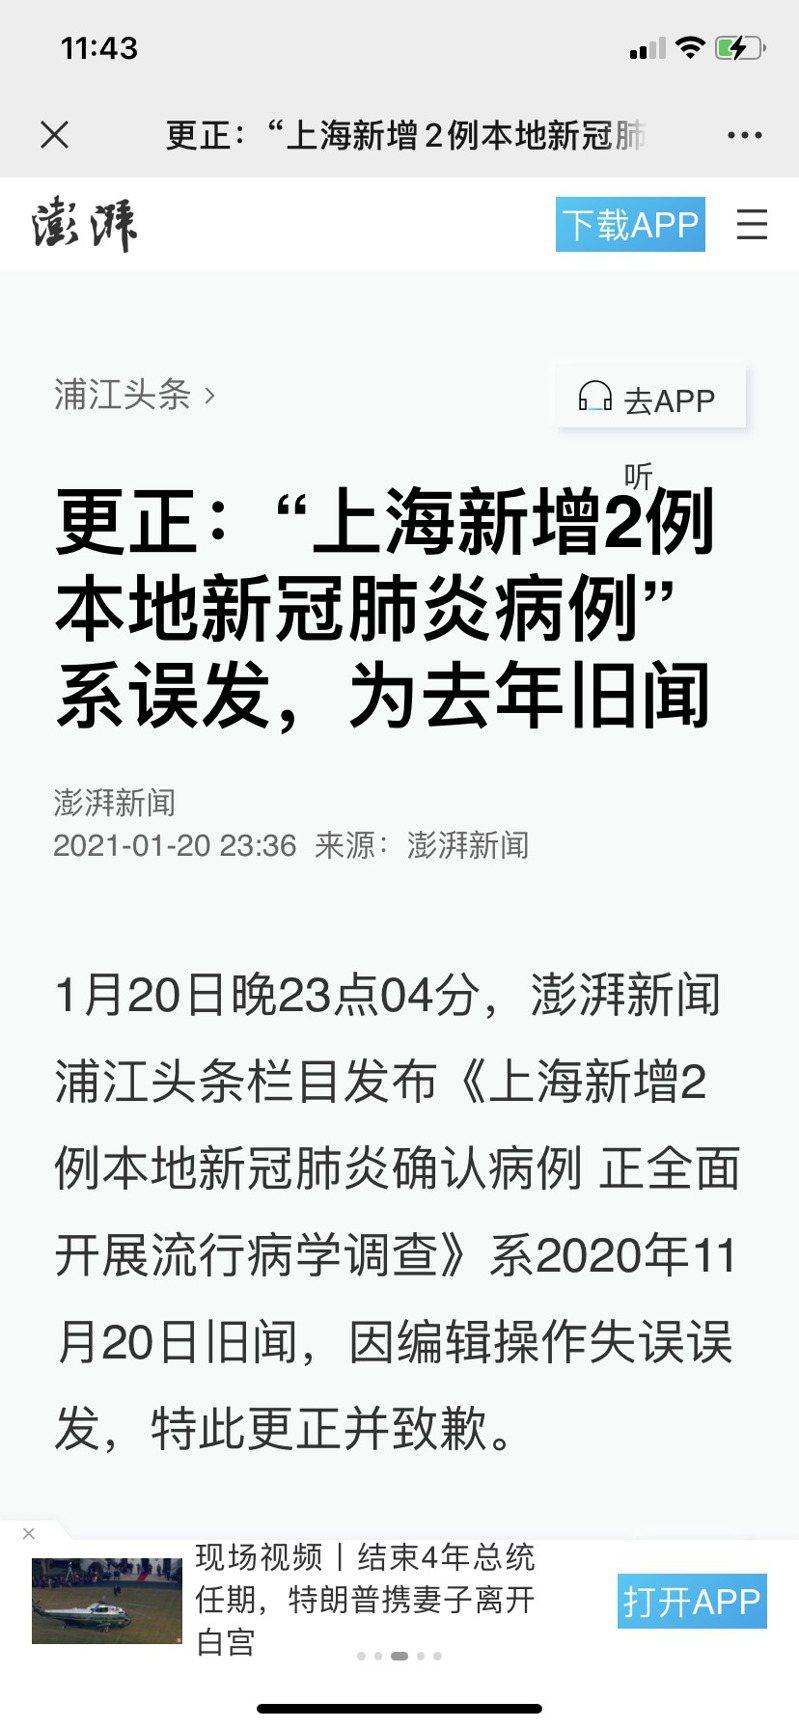 澎湃新聞20日深夜一則烏龍新聞嚇壞上海居民,其後不久公告更正。(澎湃截圖)